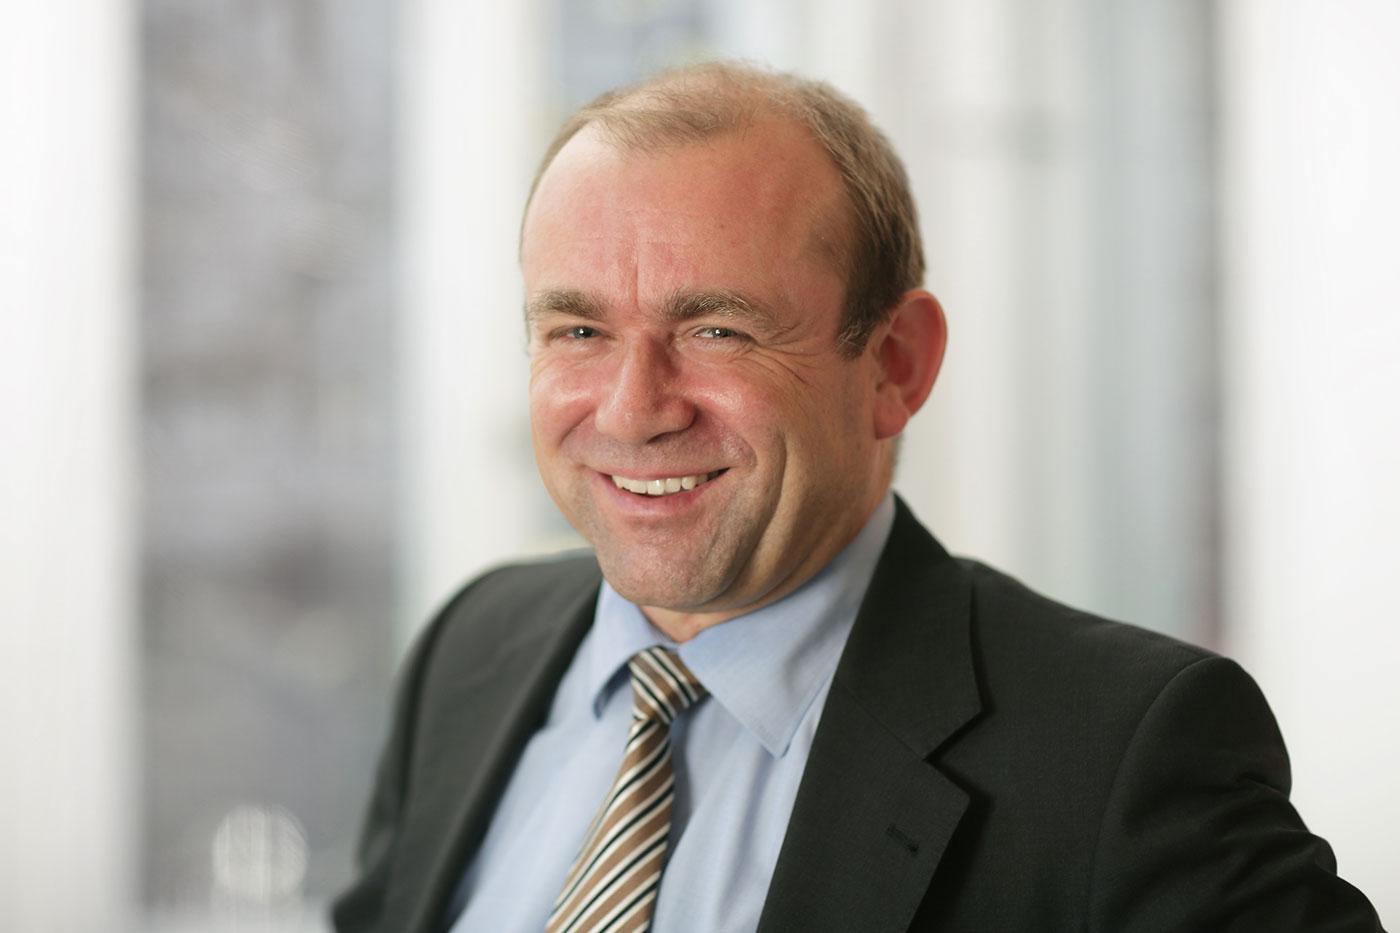 Rechtsanwalt Thomas Ebinger, Berlin